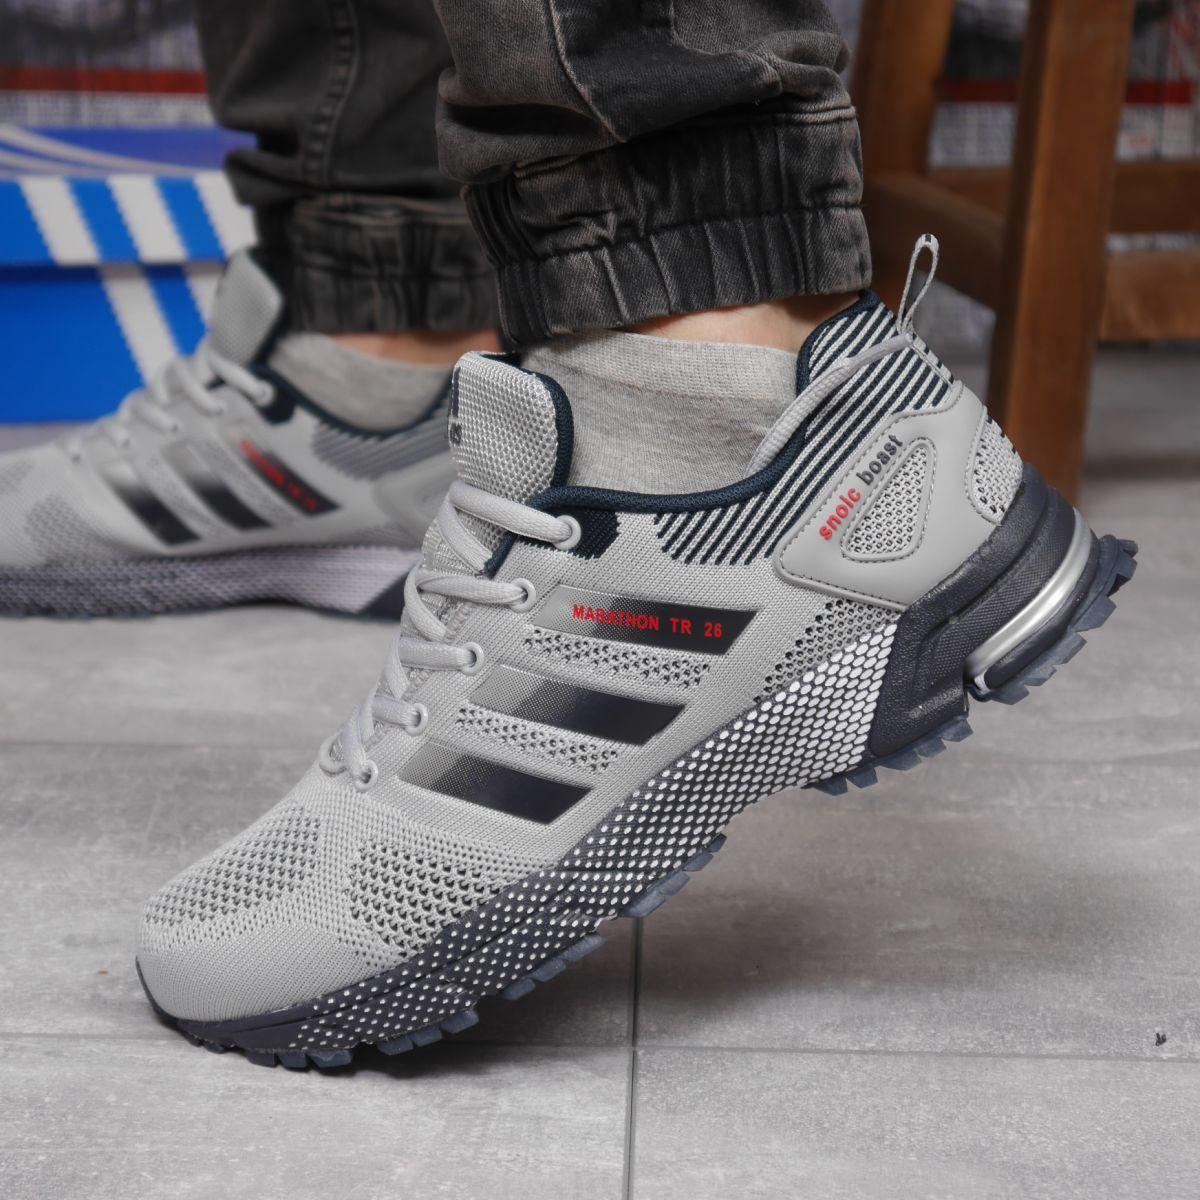 Кроссовки мужские 18221, Adidas Marathon Tr 26, серые, [ 41 42 43 44 45 46 ] р. 41-26,5см. 43